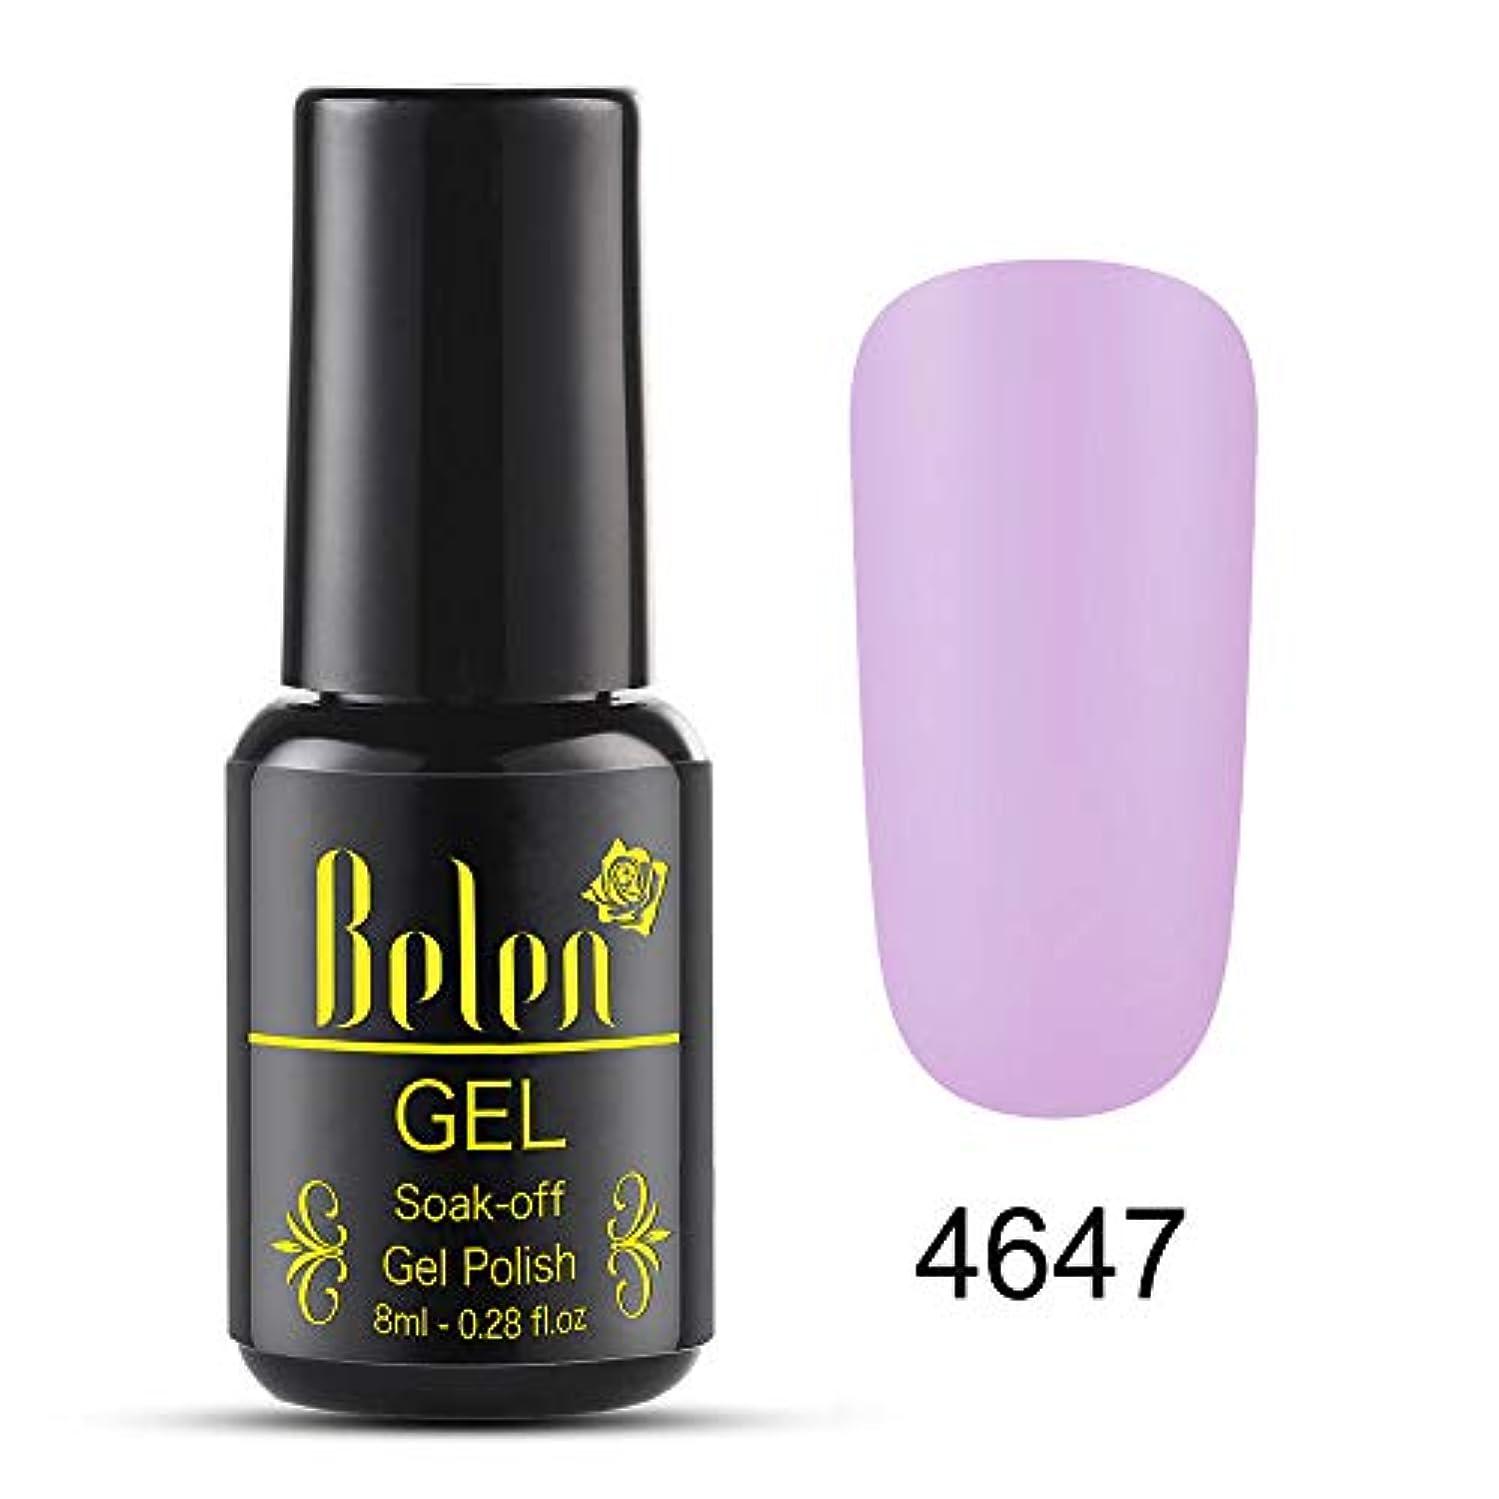 成熟した持ってる底Belen ジェルネイル カラージェル ワンステップ マット ネイルジェル ベース、トップコート不要 1色入り 8ml【全52色選択可】